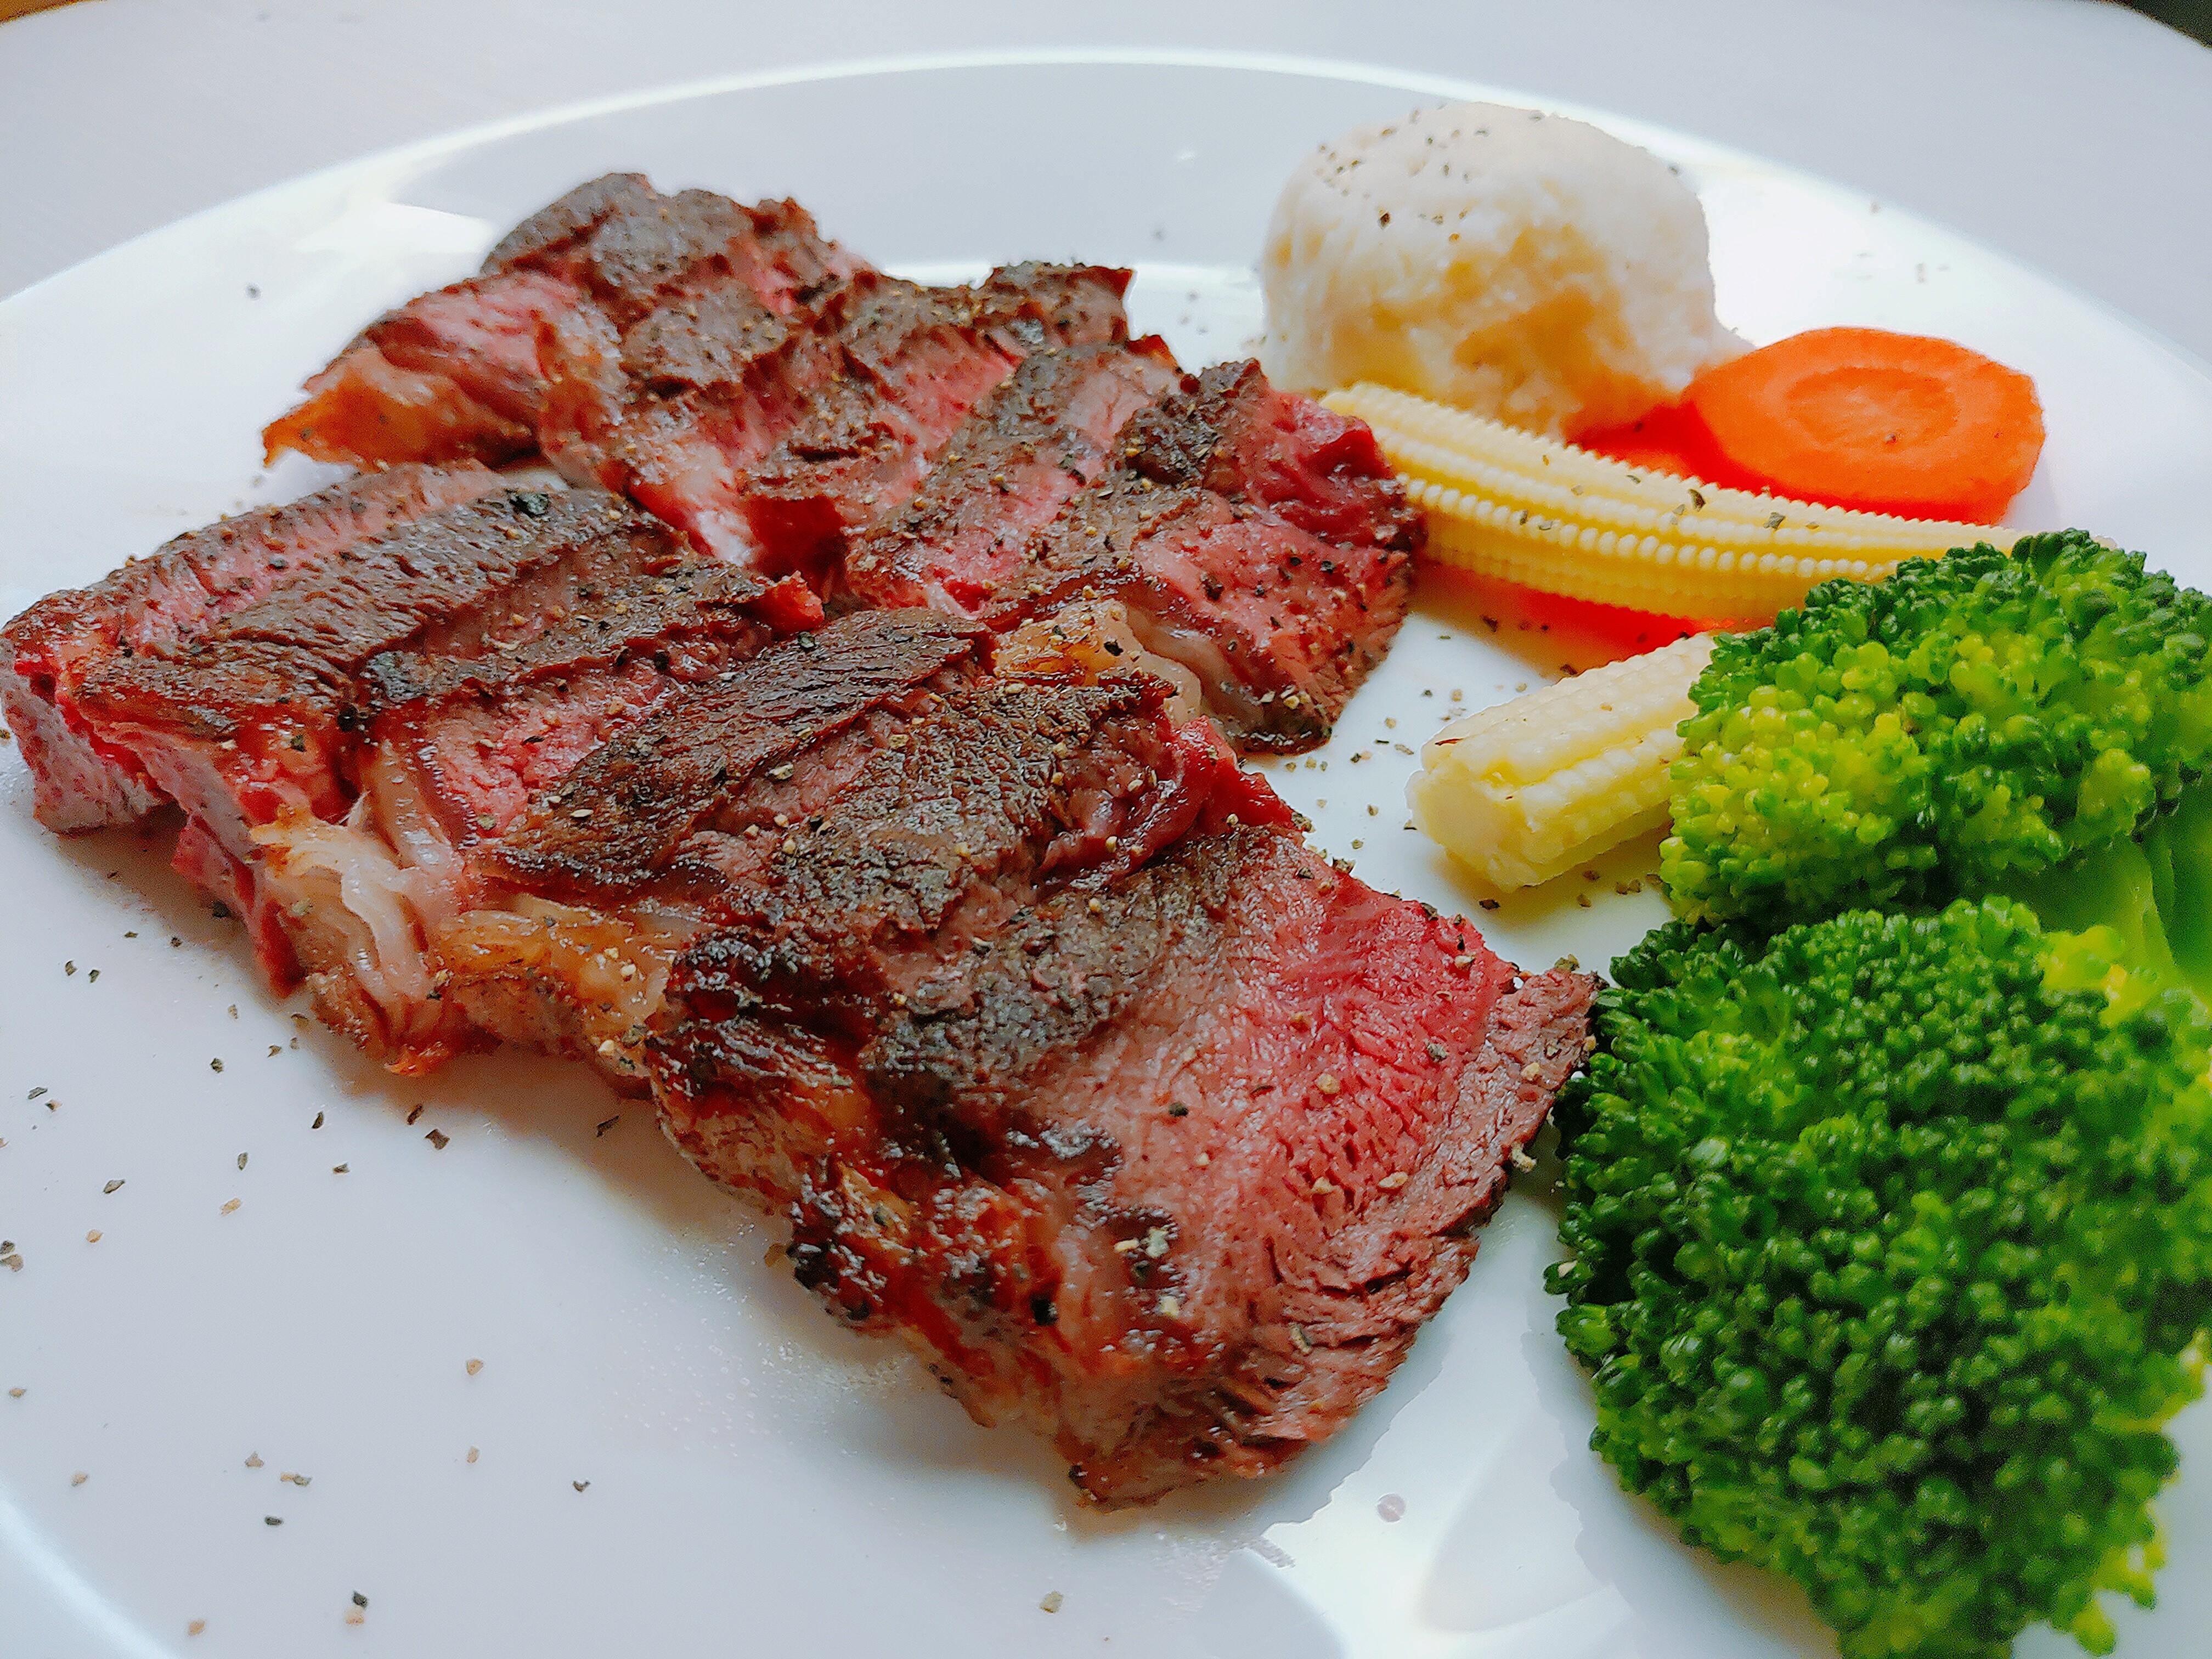 【食譜】香煎牛排|超簡單五步驟就完成